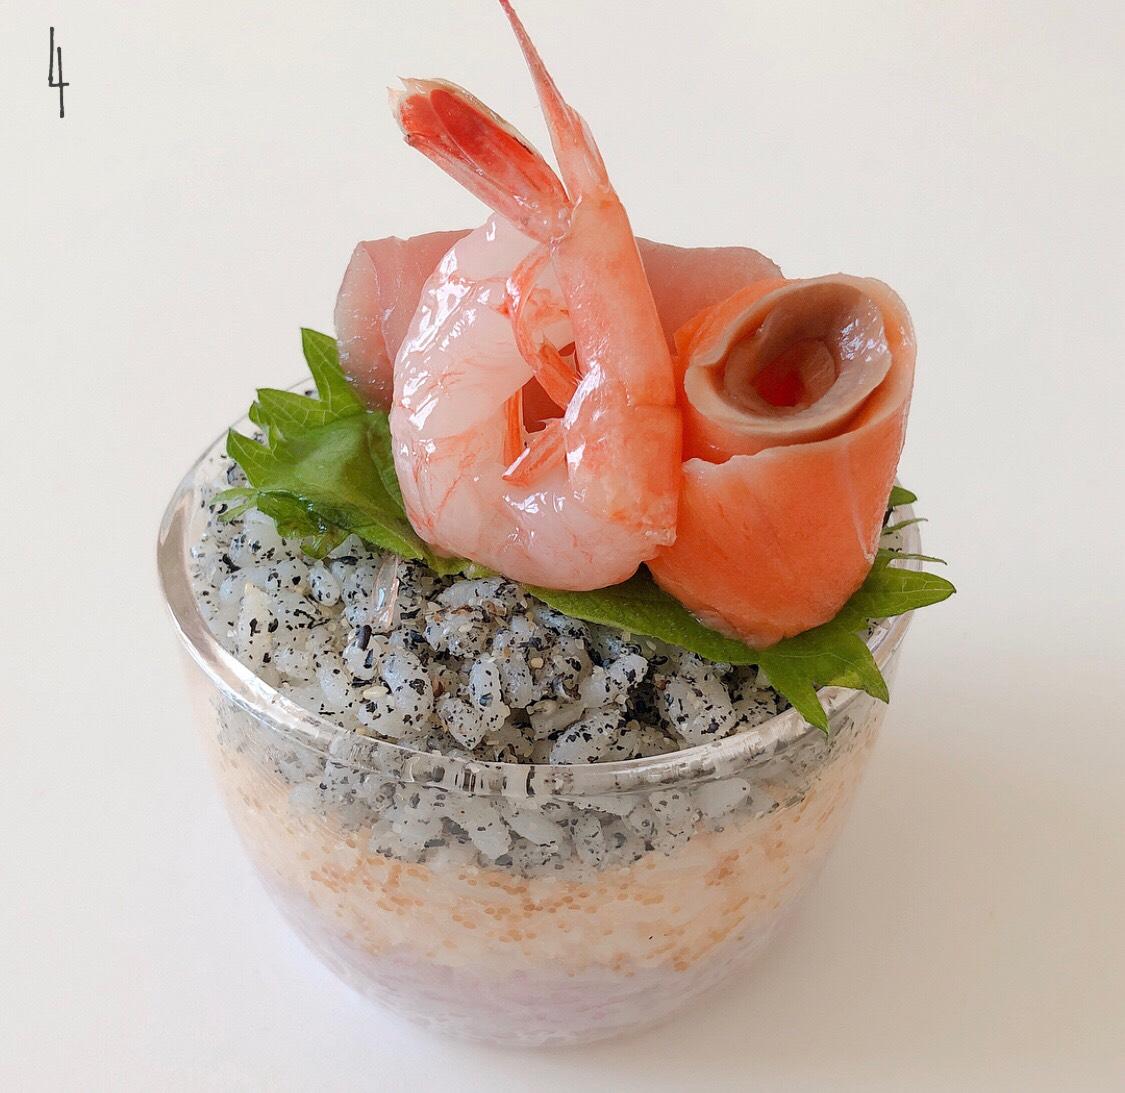 kaori-%e3%82%ad%e3%83%a3%e3%83%a9%e5%bc%81%e3%80%80%e3%82%ad%e3%83%a3%e3%83%a9%e3%81%93%e3%82%99%e3%81%af%e3%82%93%e3%80%80charaben-japanese-food-sushi_4-2